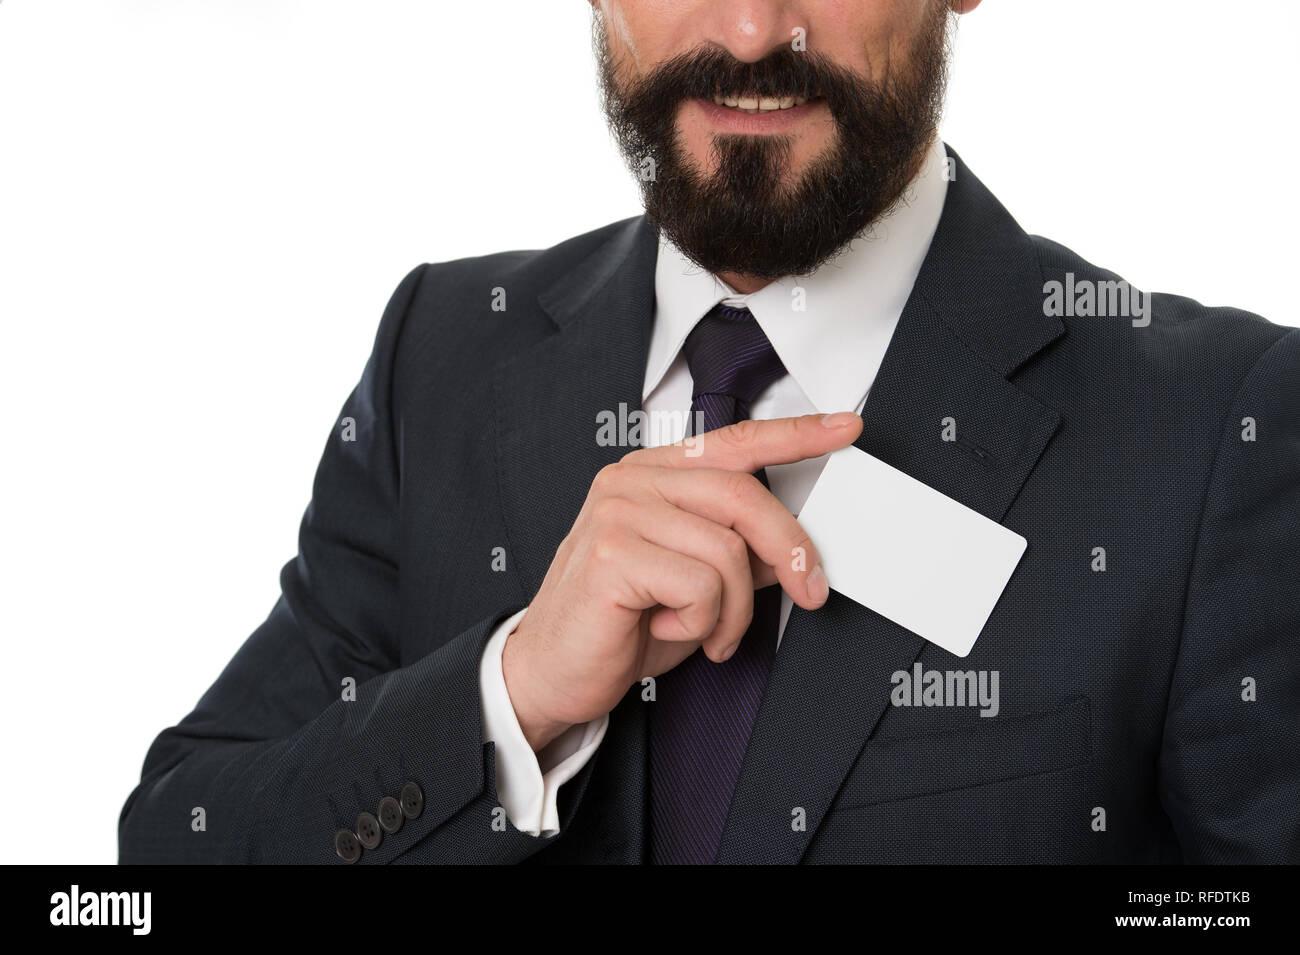 Darf ich mich vorstellen. Fühlen Sie sich frei, mit mir in Kontakt zu treten. Geschäftsmann lächelnd halten Sie die Platzhalterkarte aus Kunststoff. Unternehmer trägt Business Card. Custom design Ihre Karte einzigartig machen. Business Card Design. Stockbild